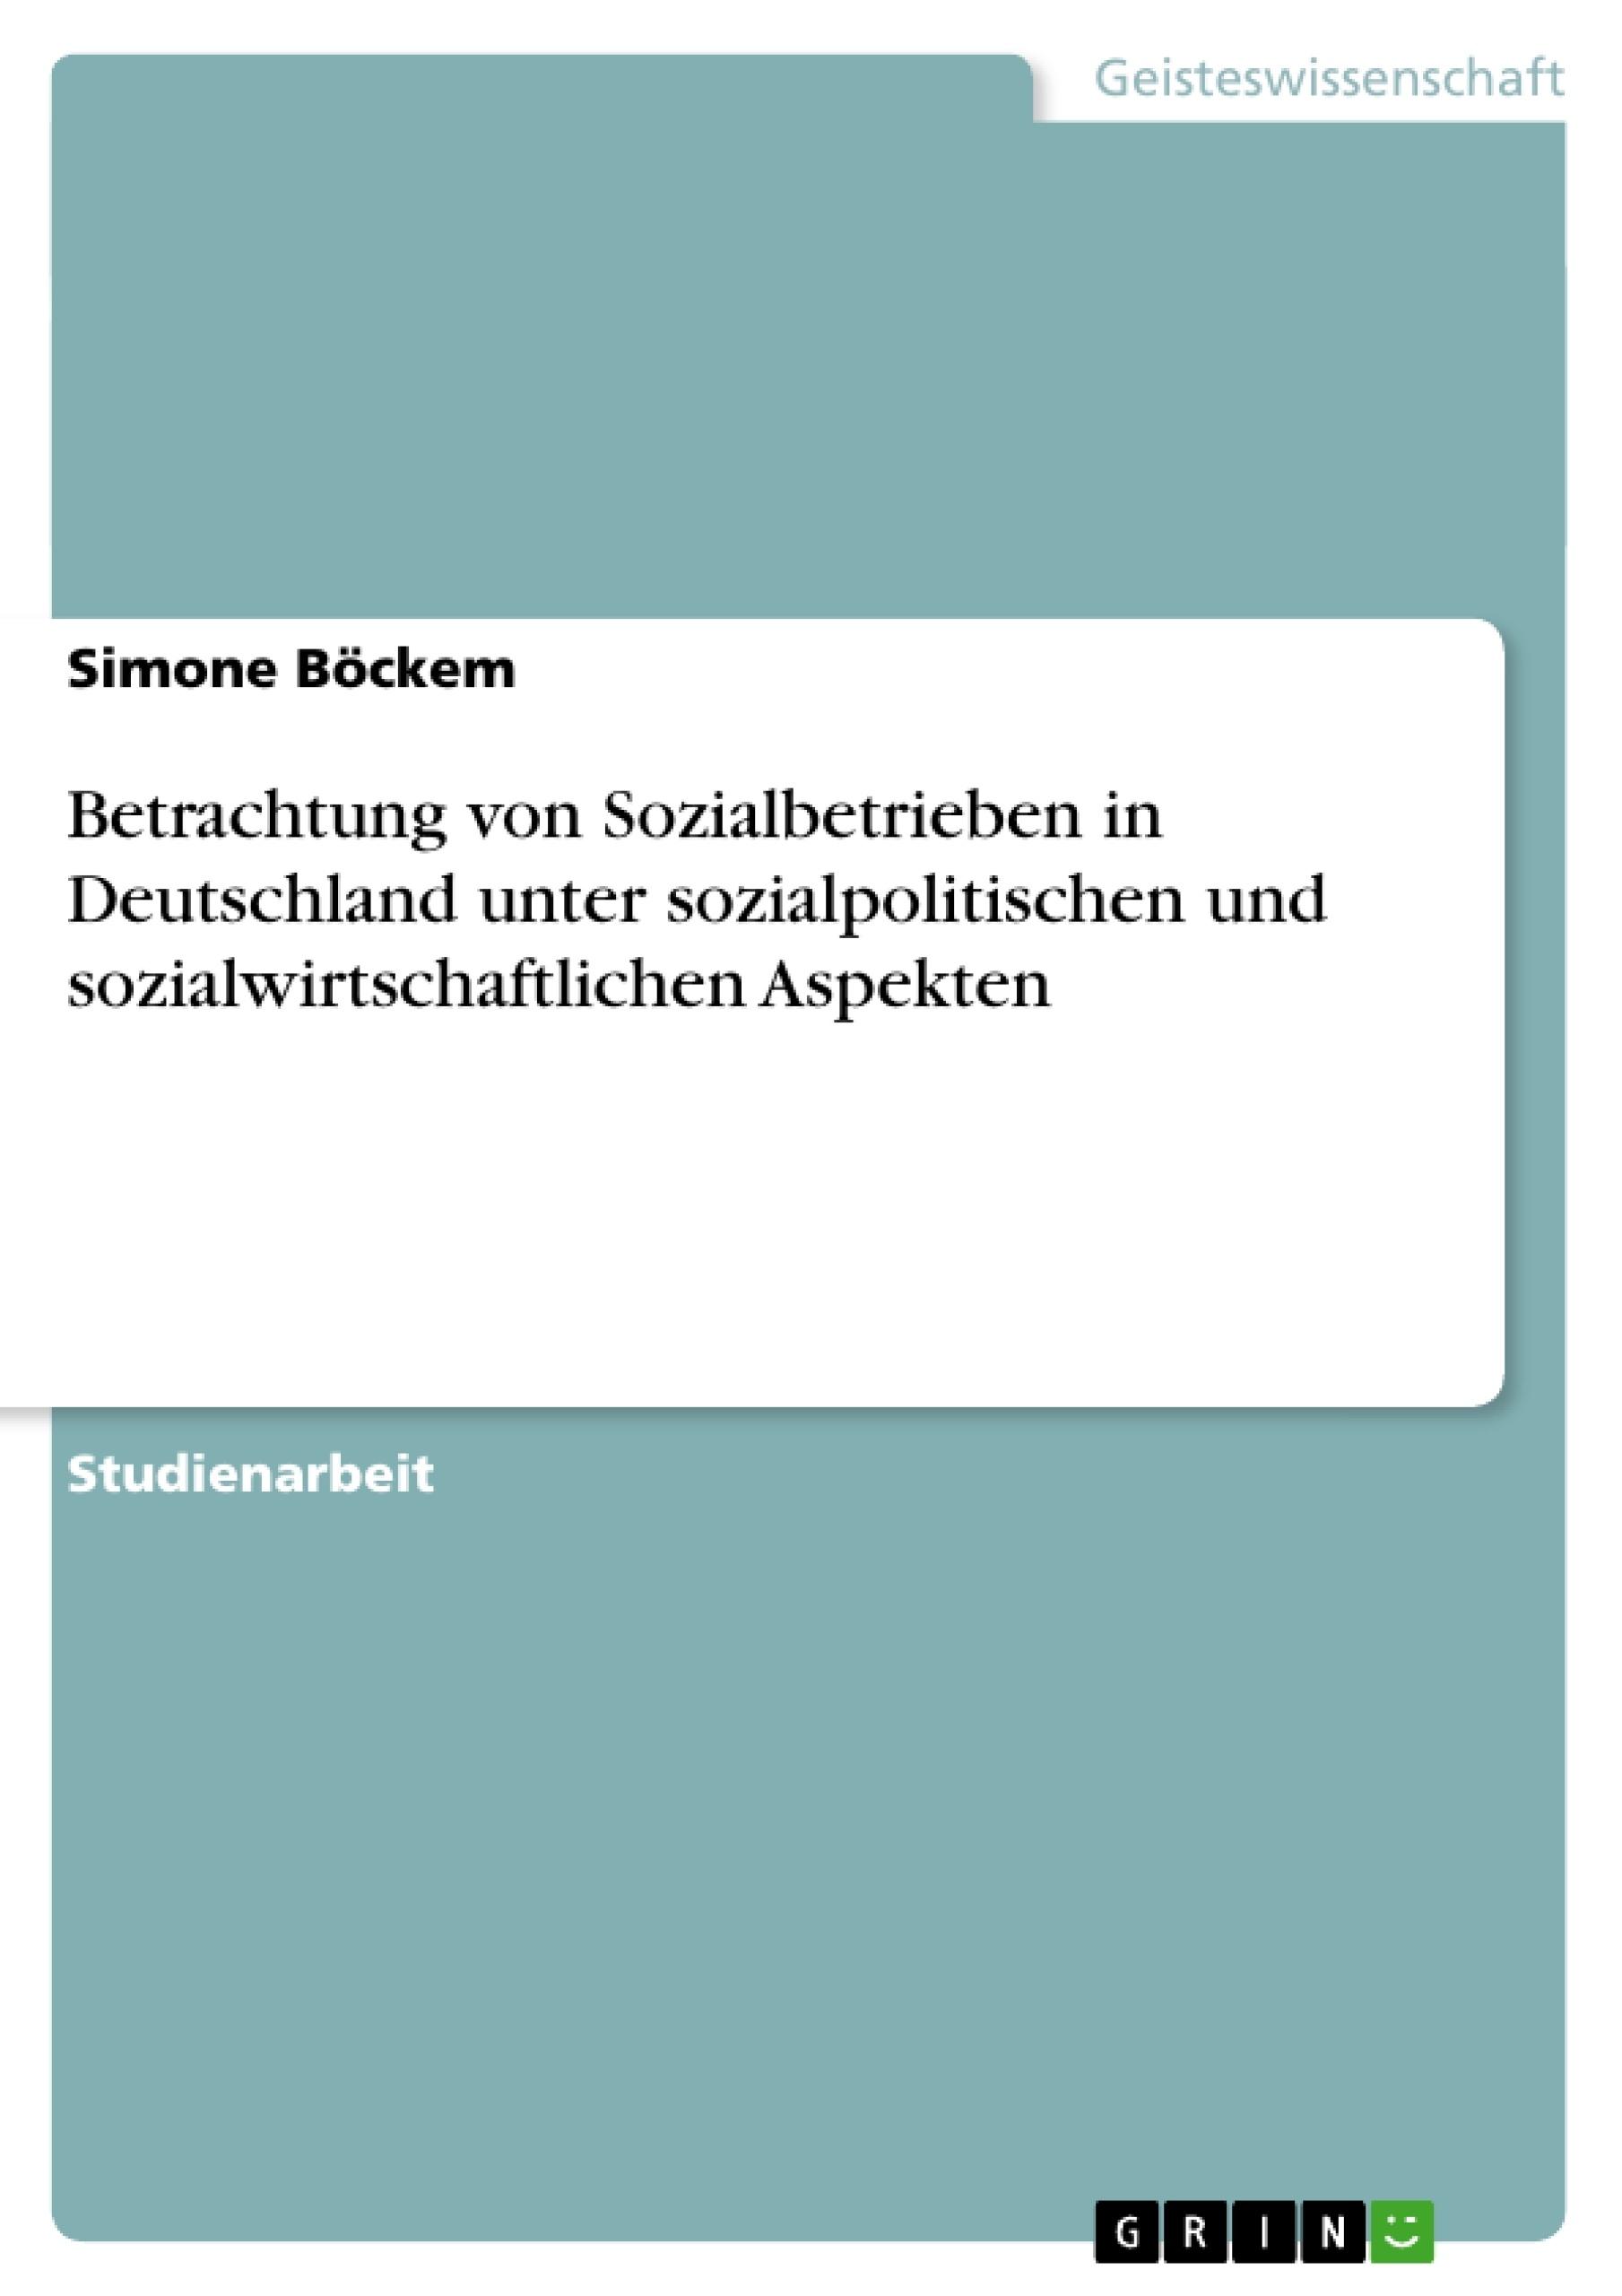 Titel: Betrachtung von Sozialbetrieben in Deutschland unter sozialpolitischen und sozialwirtschaftlichen Aspekten